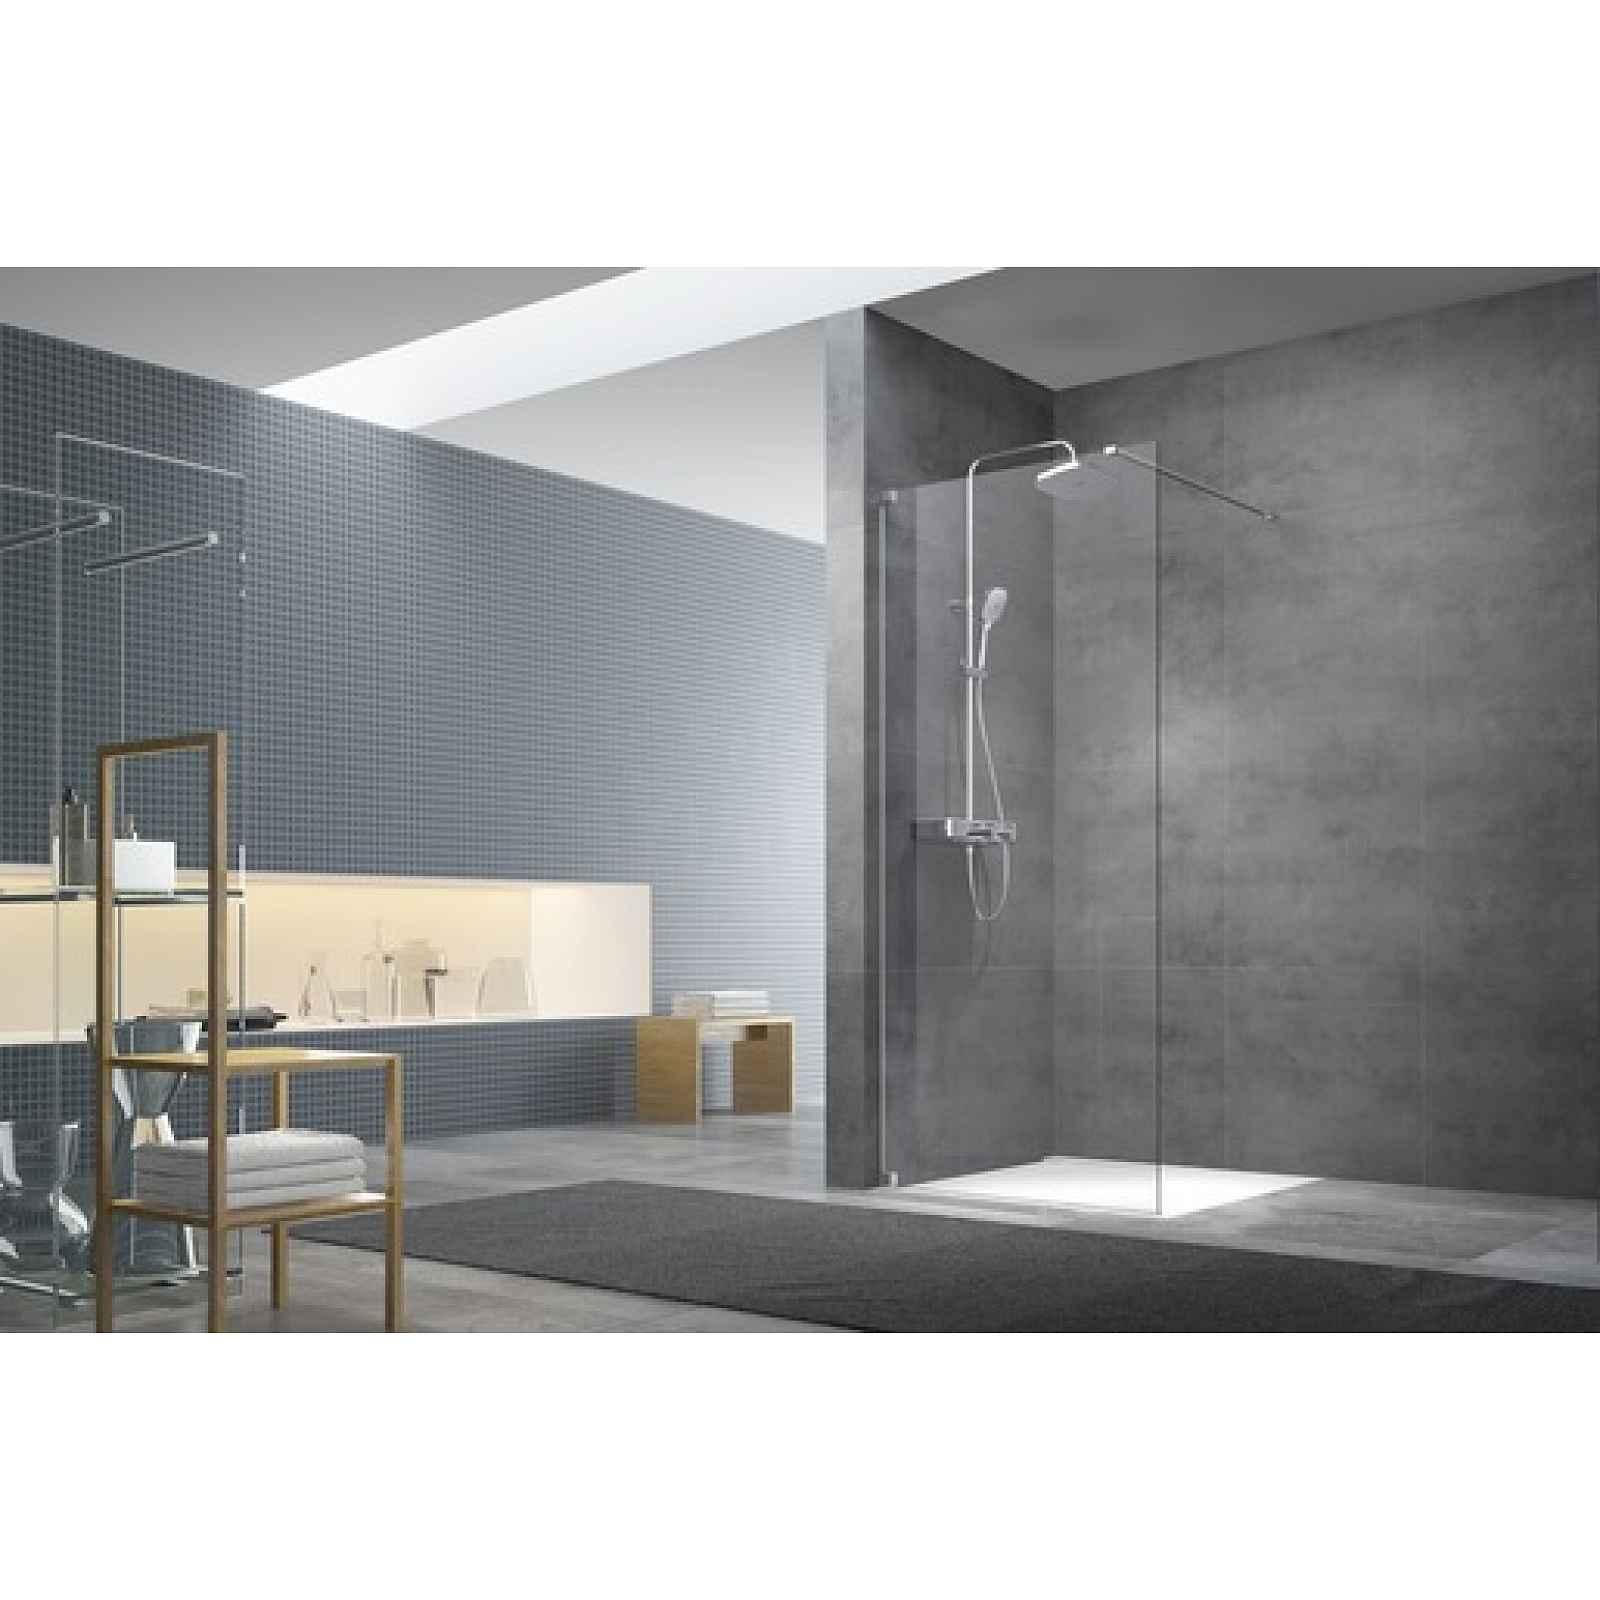 Sprchová zástěna walk-in Walk-In / dveře 140 cm s panty a zavětrováním Swiss Aqua Technologies Walk-in SATBWI140PA